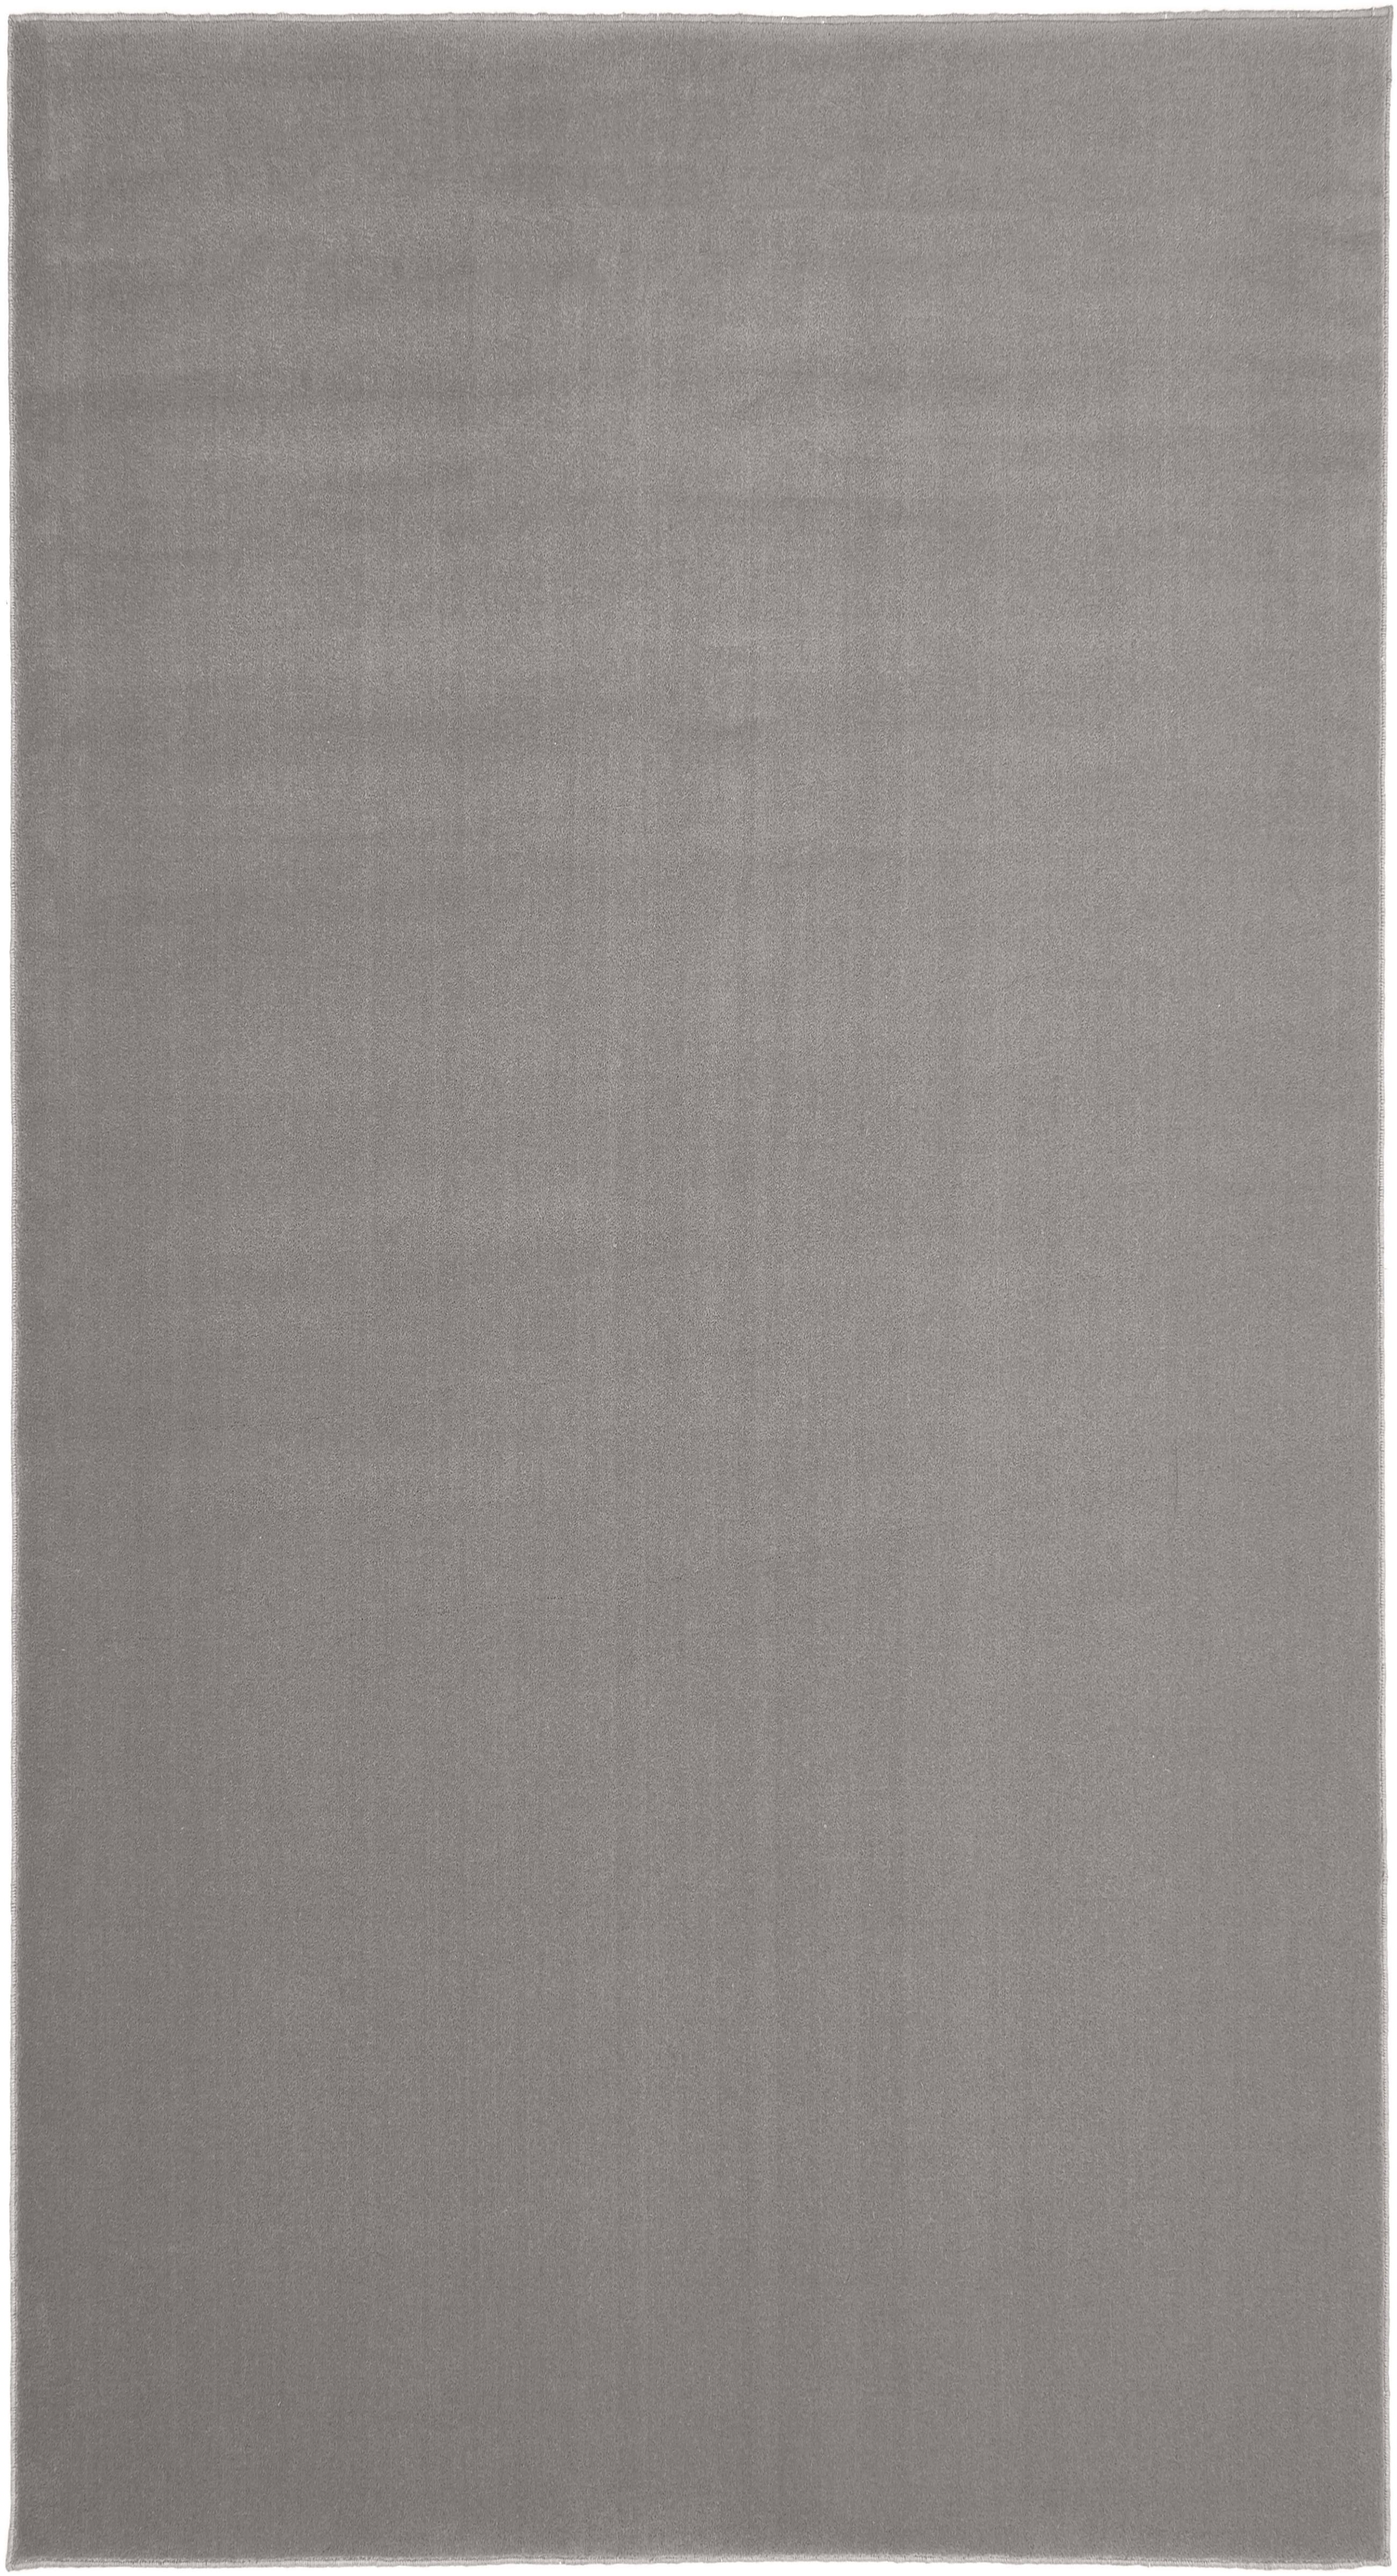 Wollteppich Ida in Grau, Flor: 100% Wolle, Grau, B 80 x L 150 cm (Größe XS)